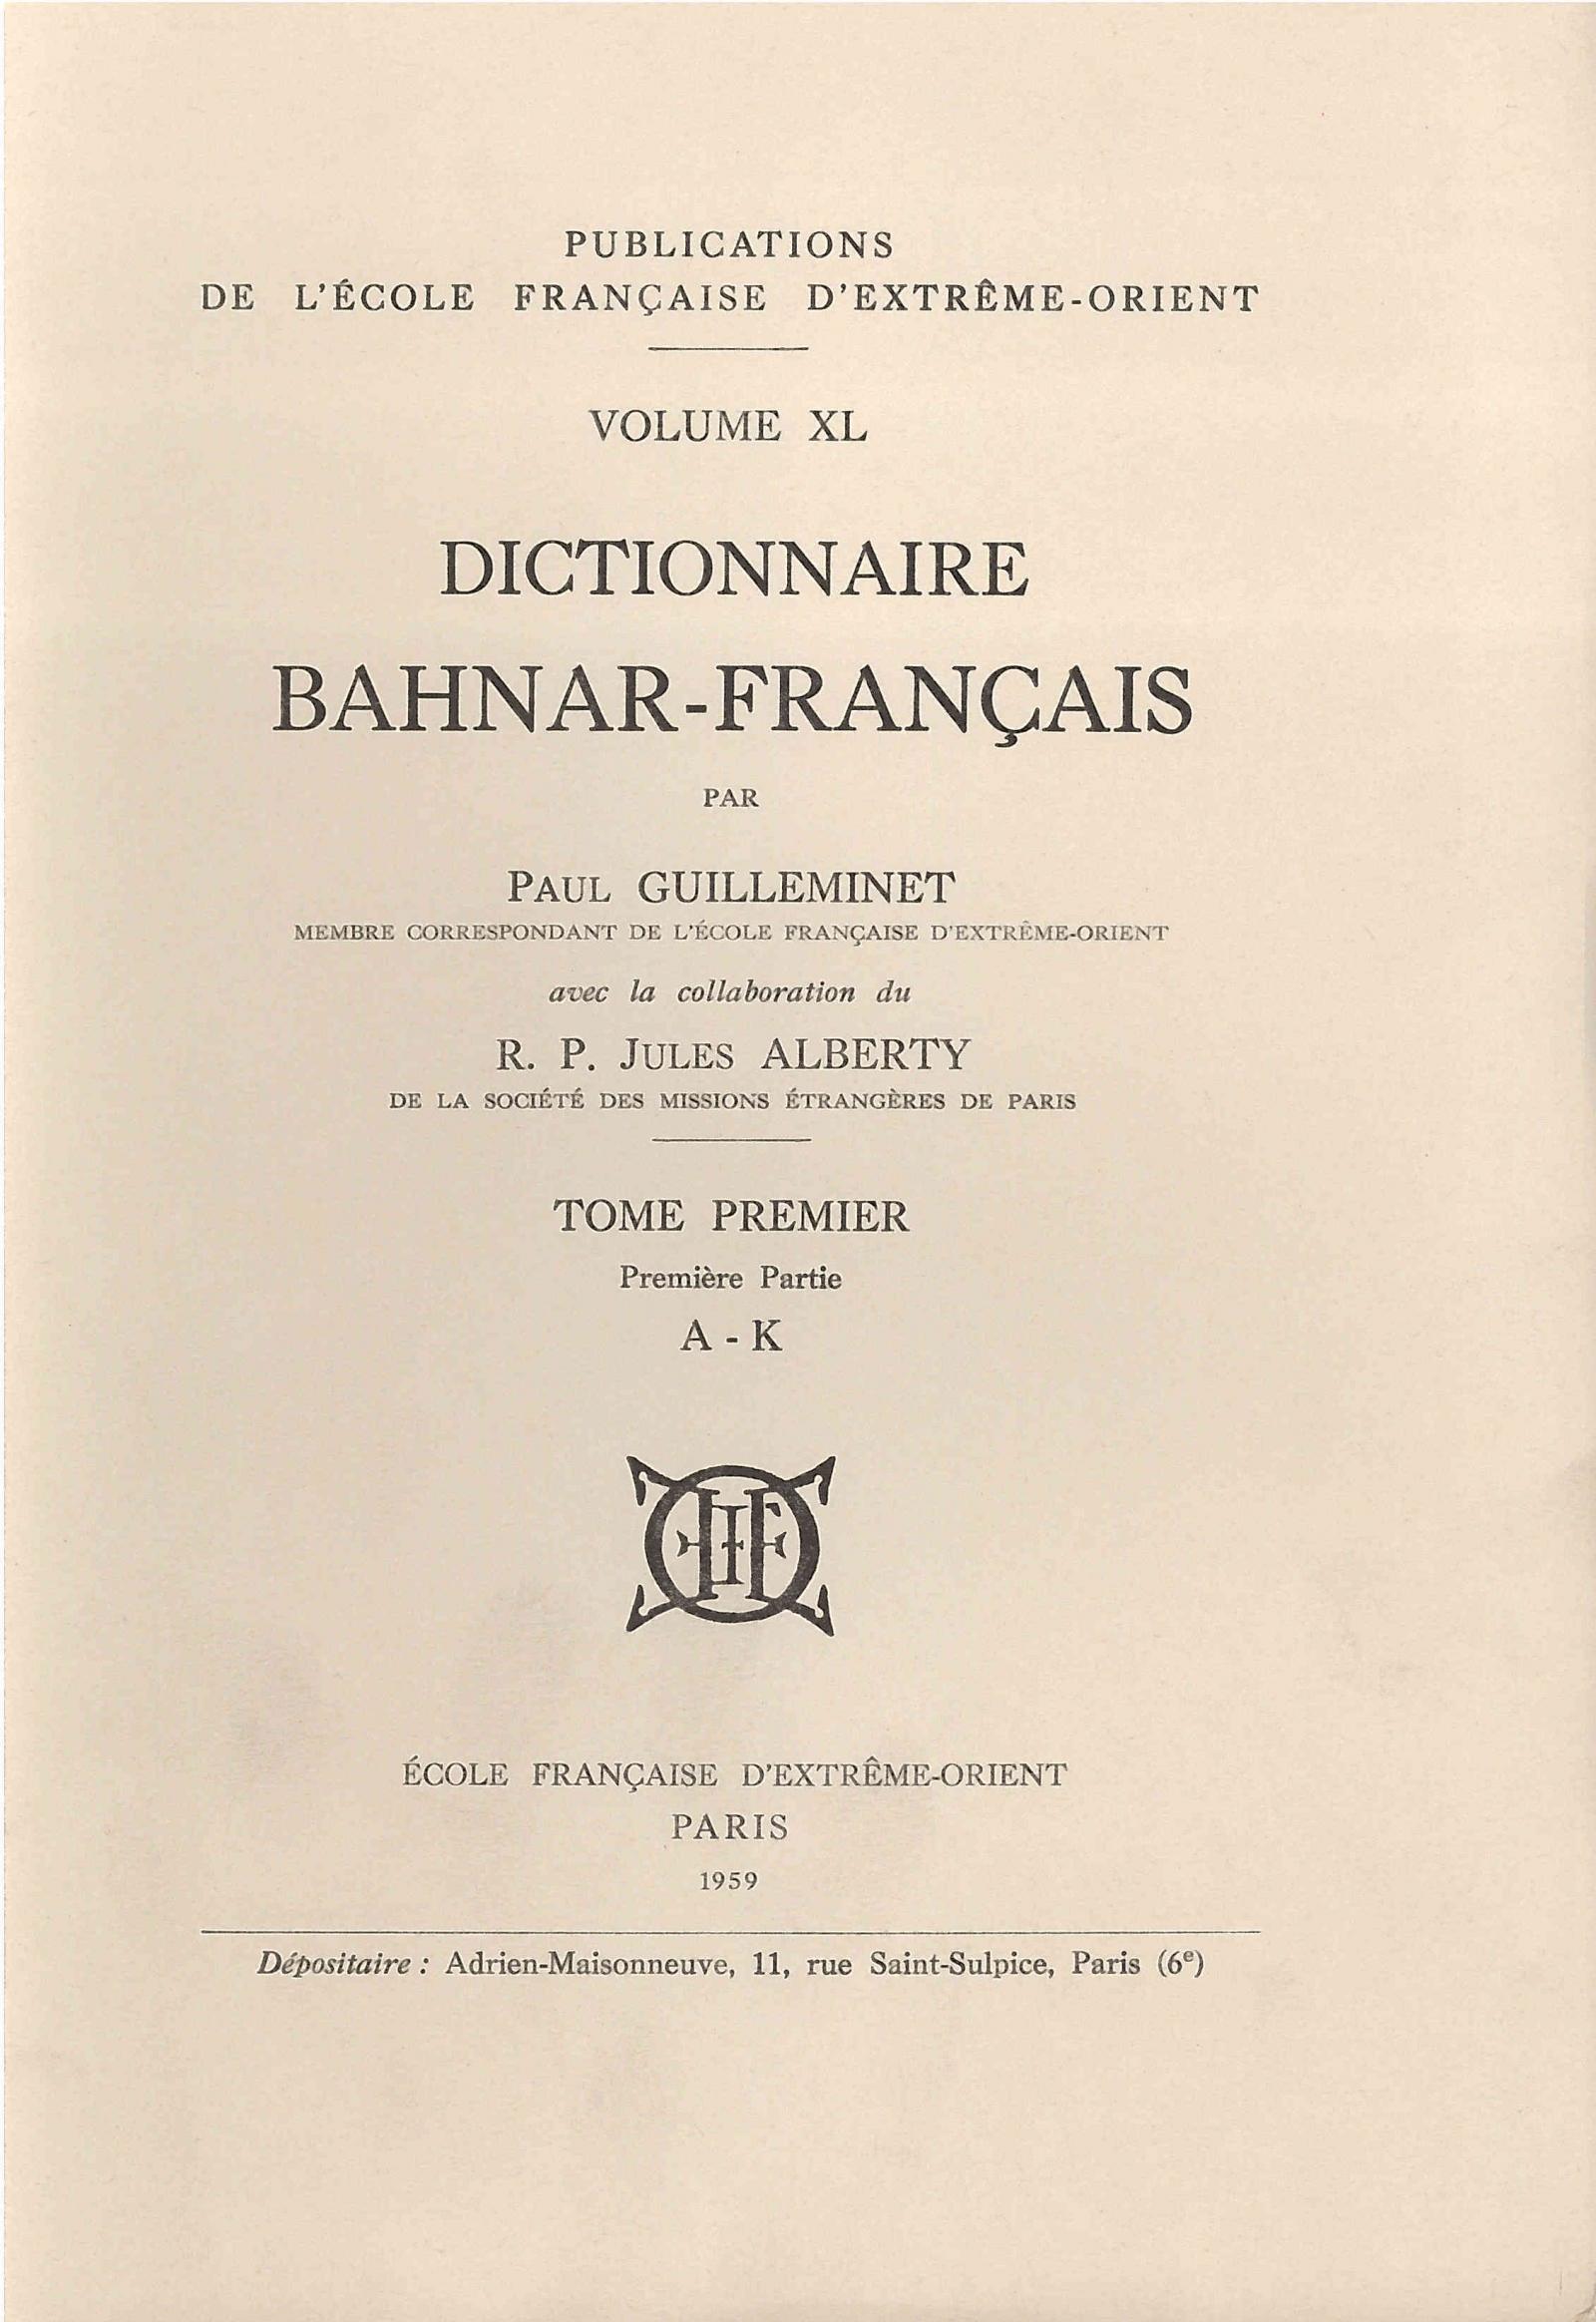 Dictionnaire bahnar-français